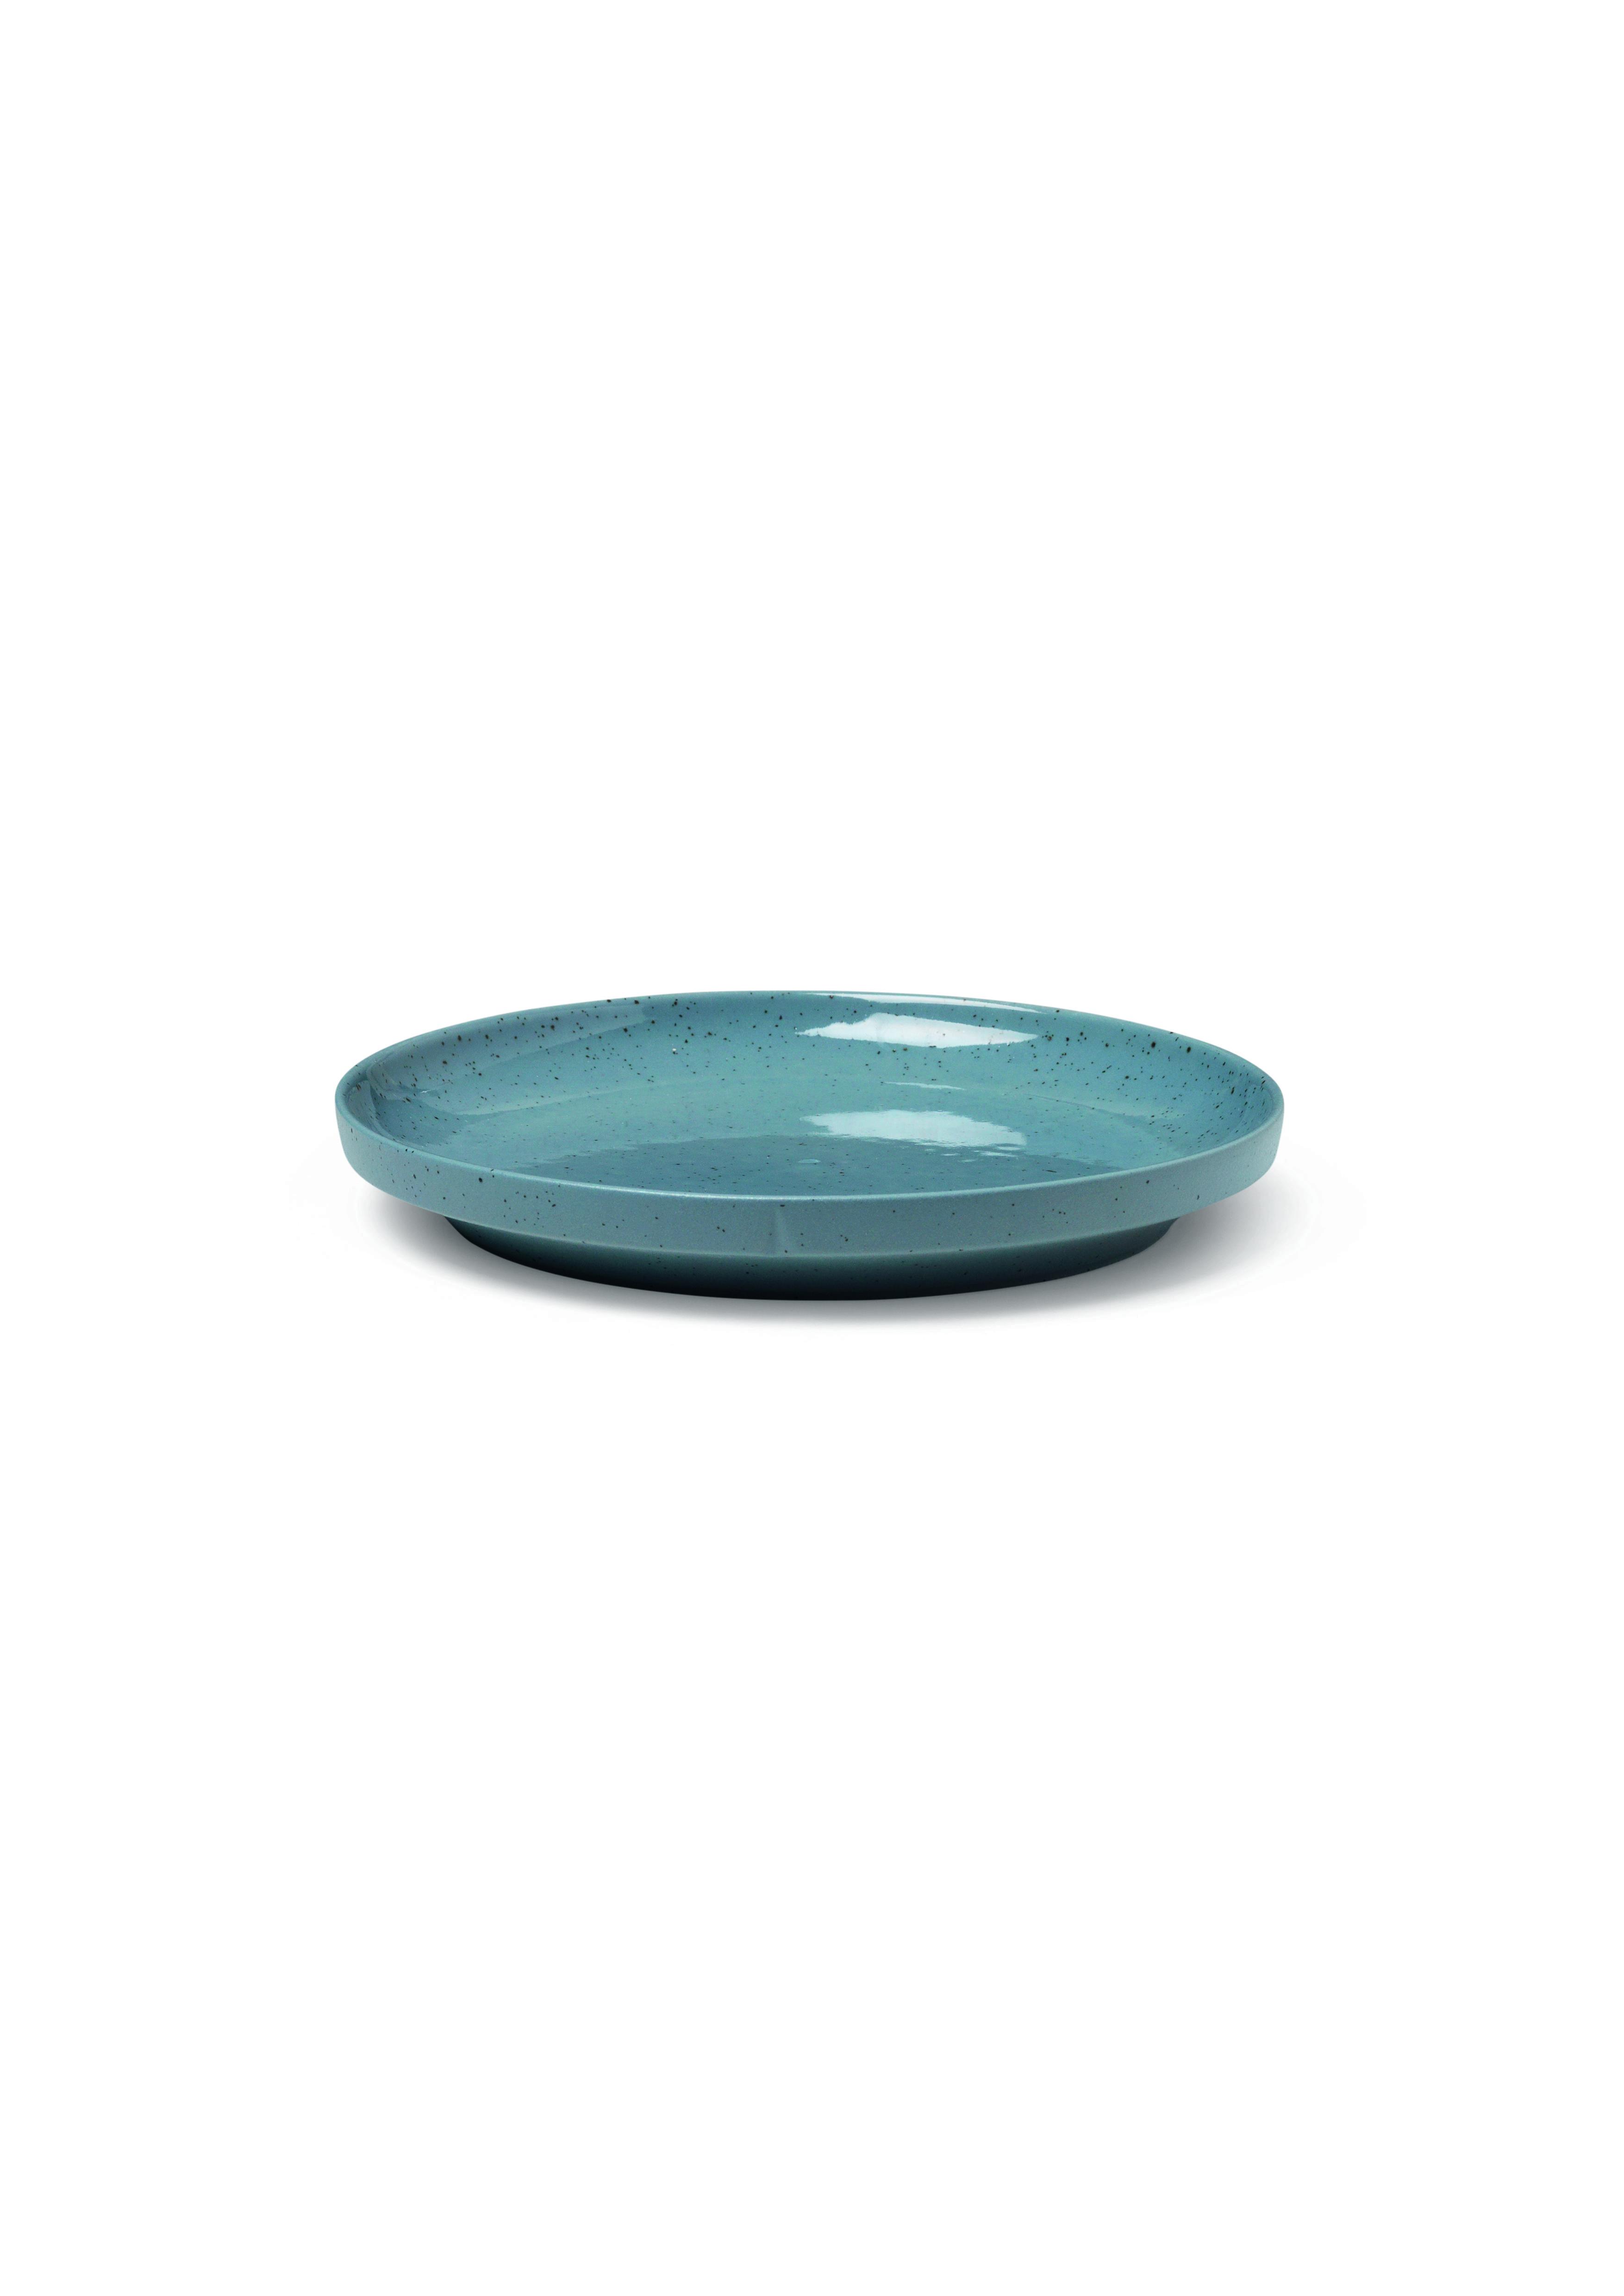 Rosendahl Grand Cru Sense desserttallerken, Ø19 cm, blå